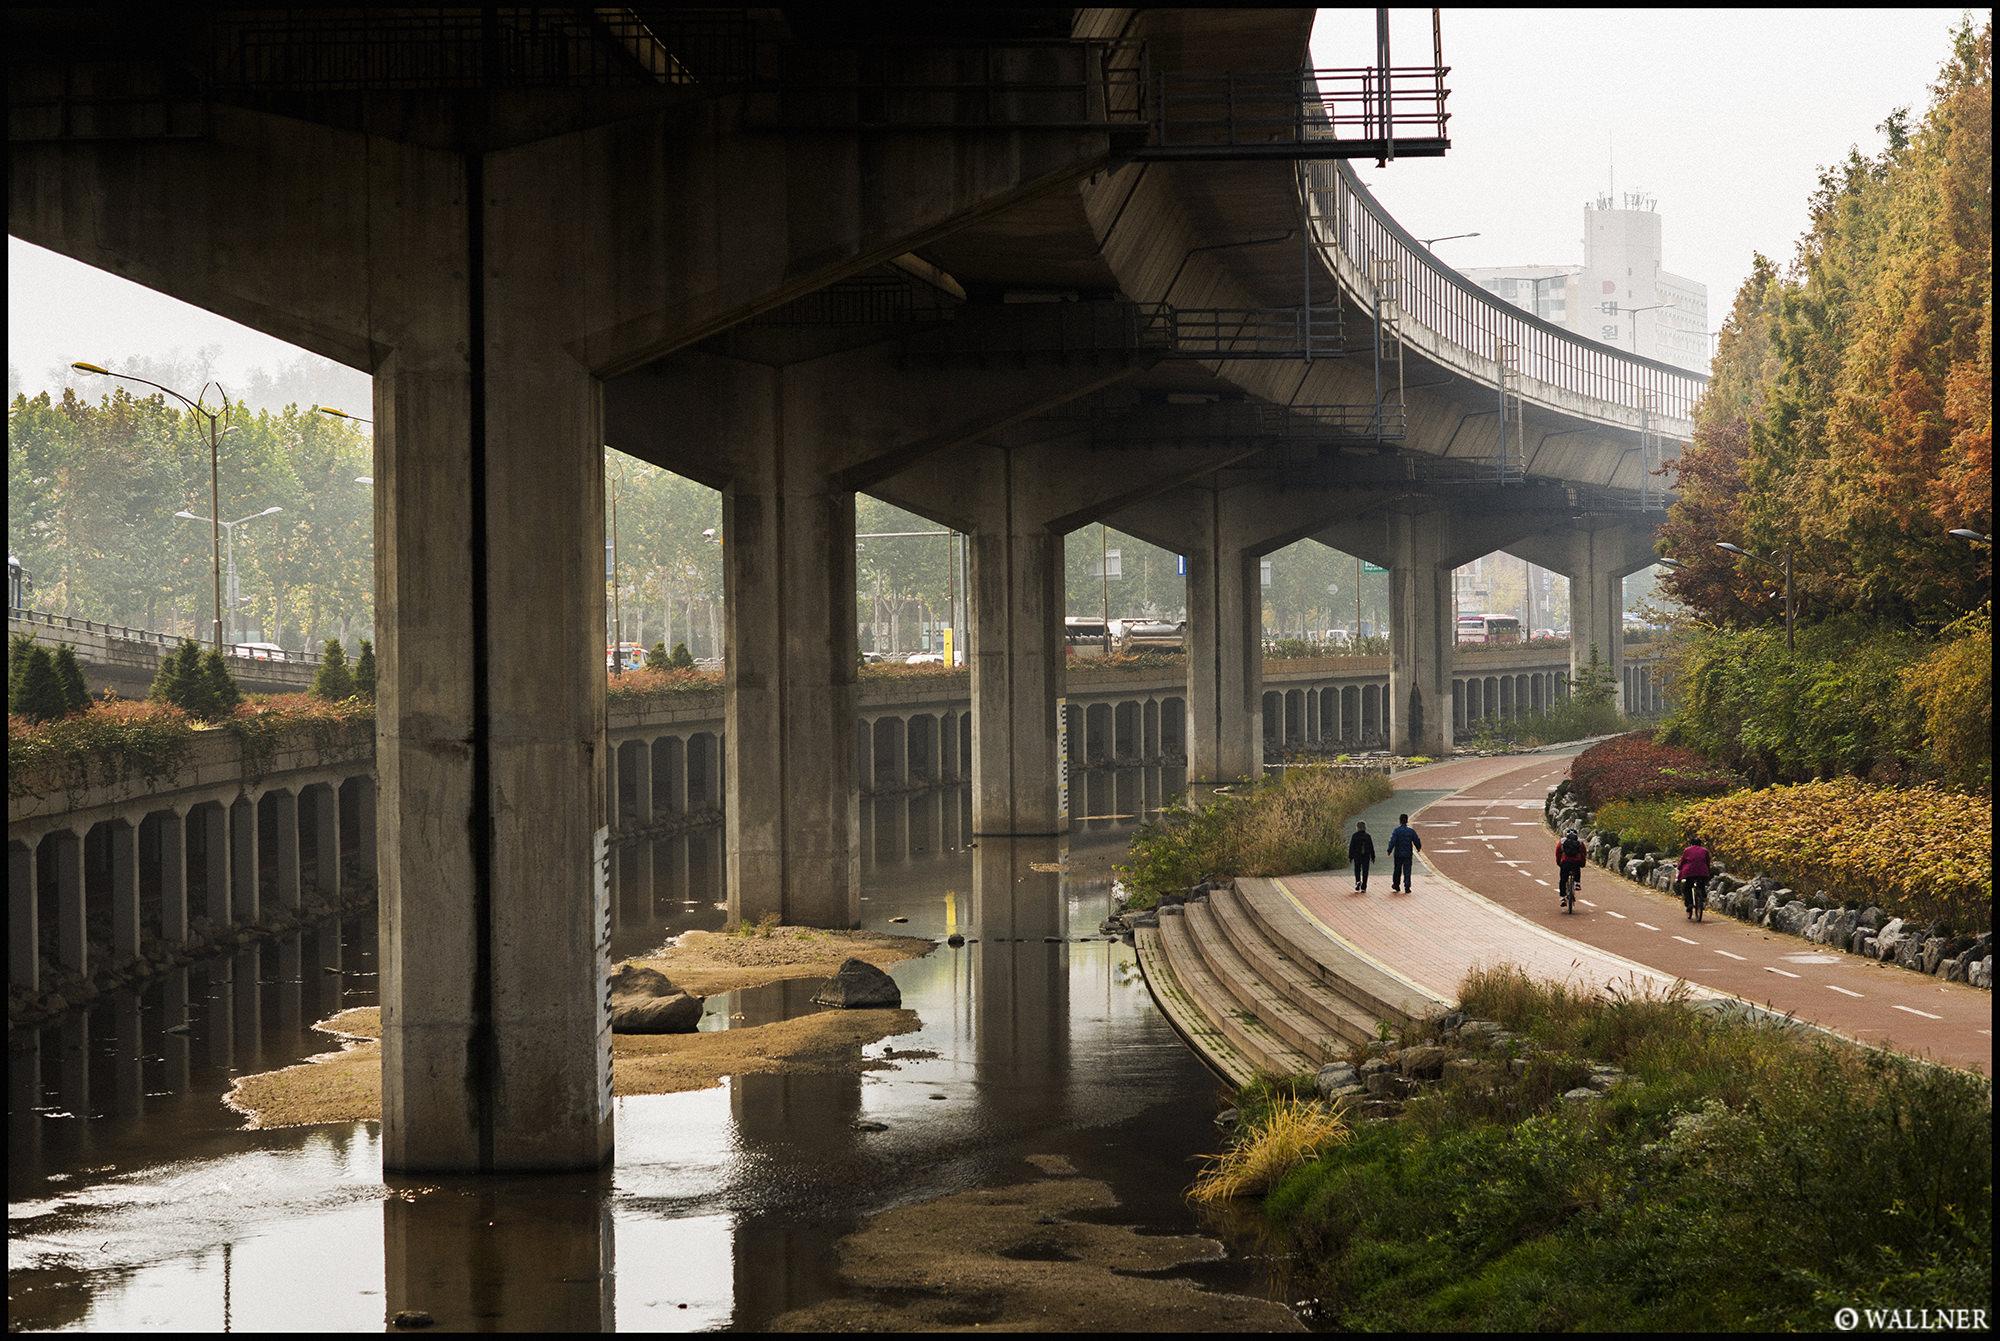 Digital Patrik Wallner Seoul Under The Bridge LOWQ 2000P w WM